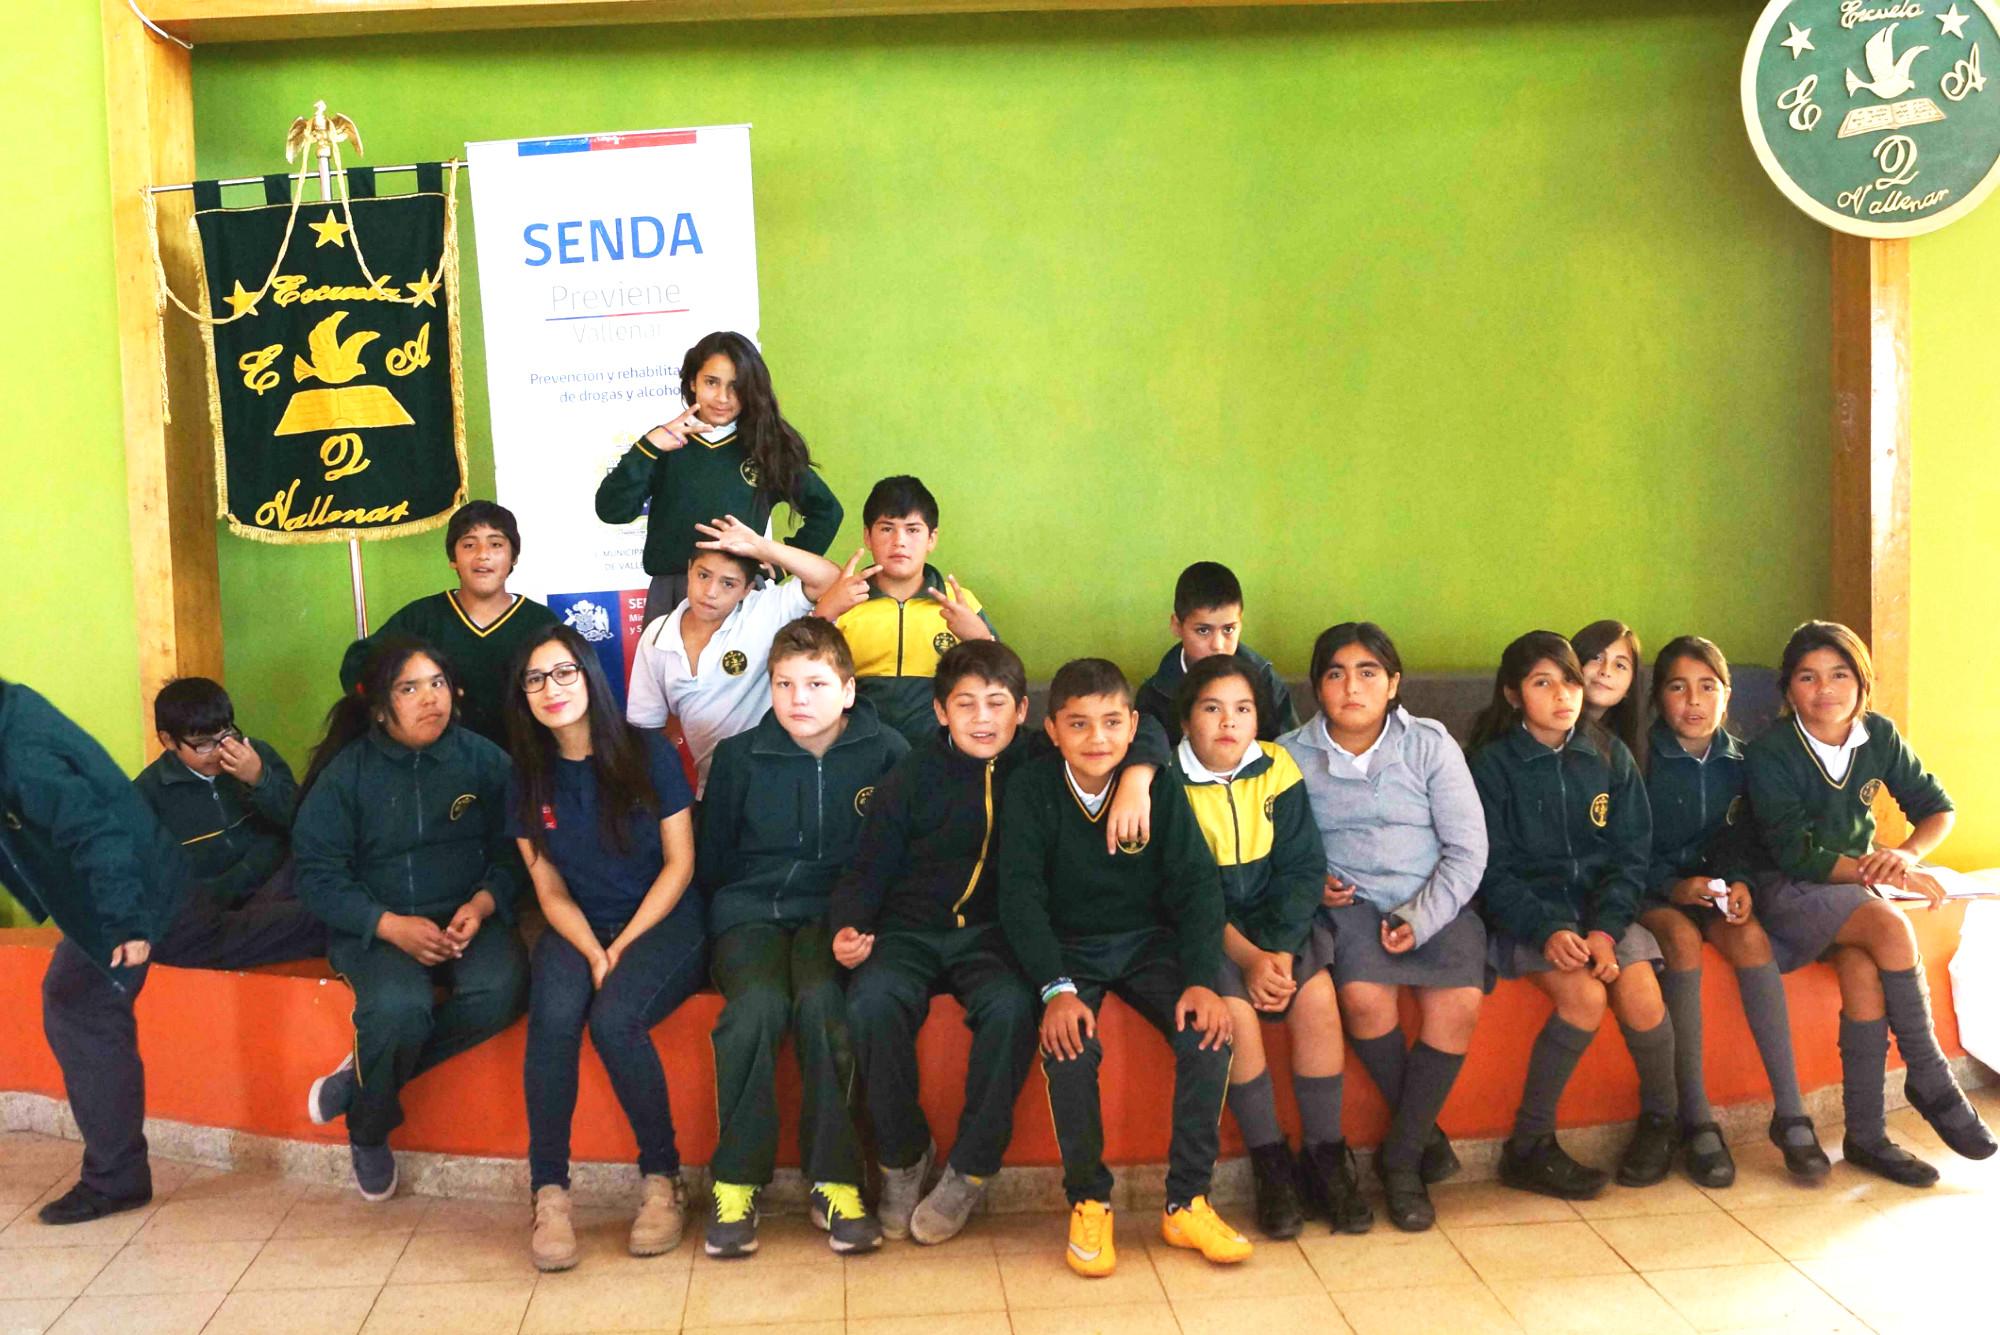 Escuela Edmundo Quezada de Vallenar culminó año con Senda Previene